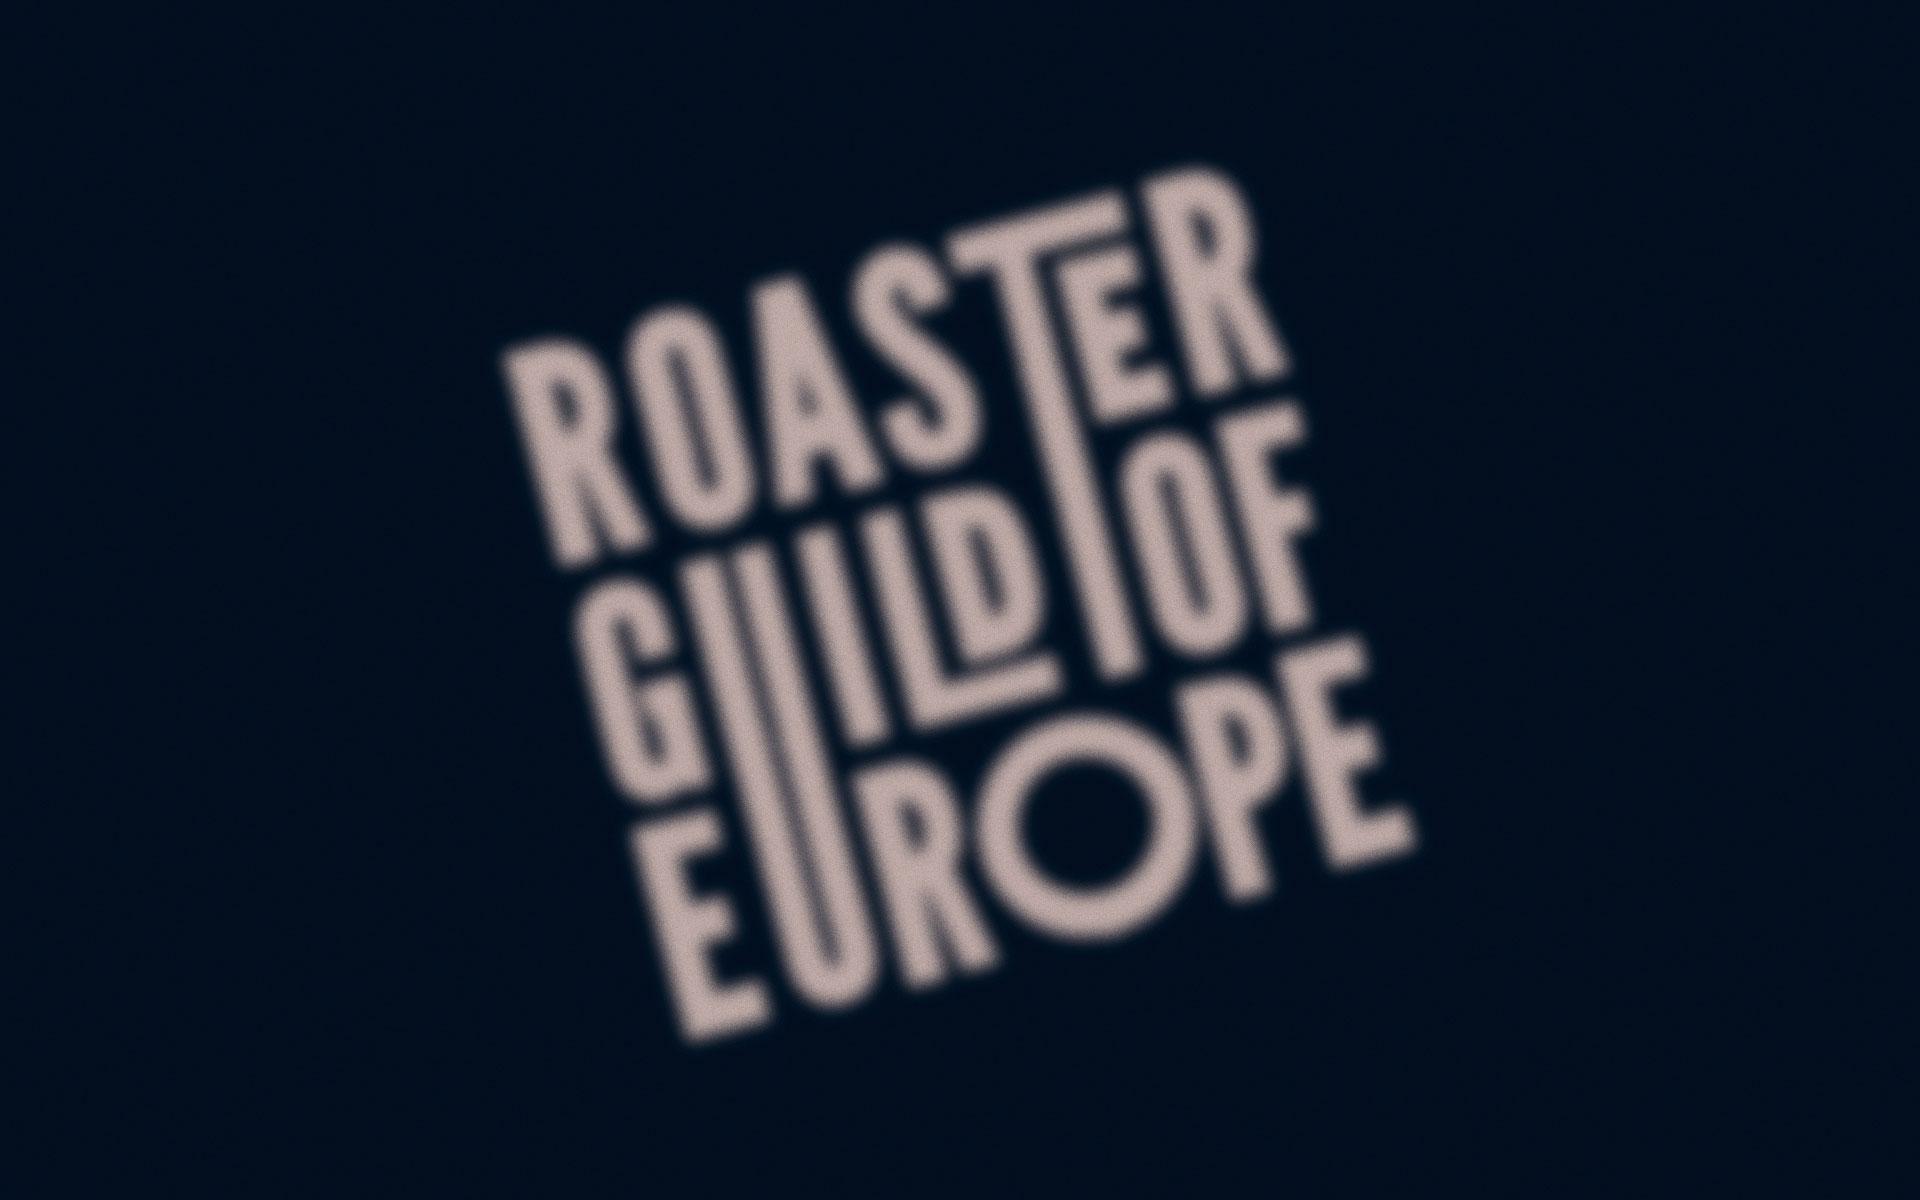 Roasting Guild Of Europe: Estonia 2016